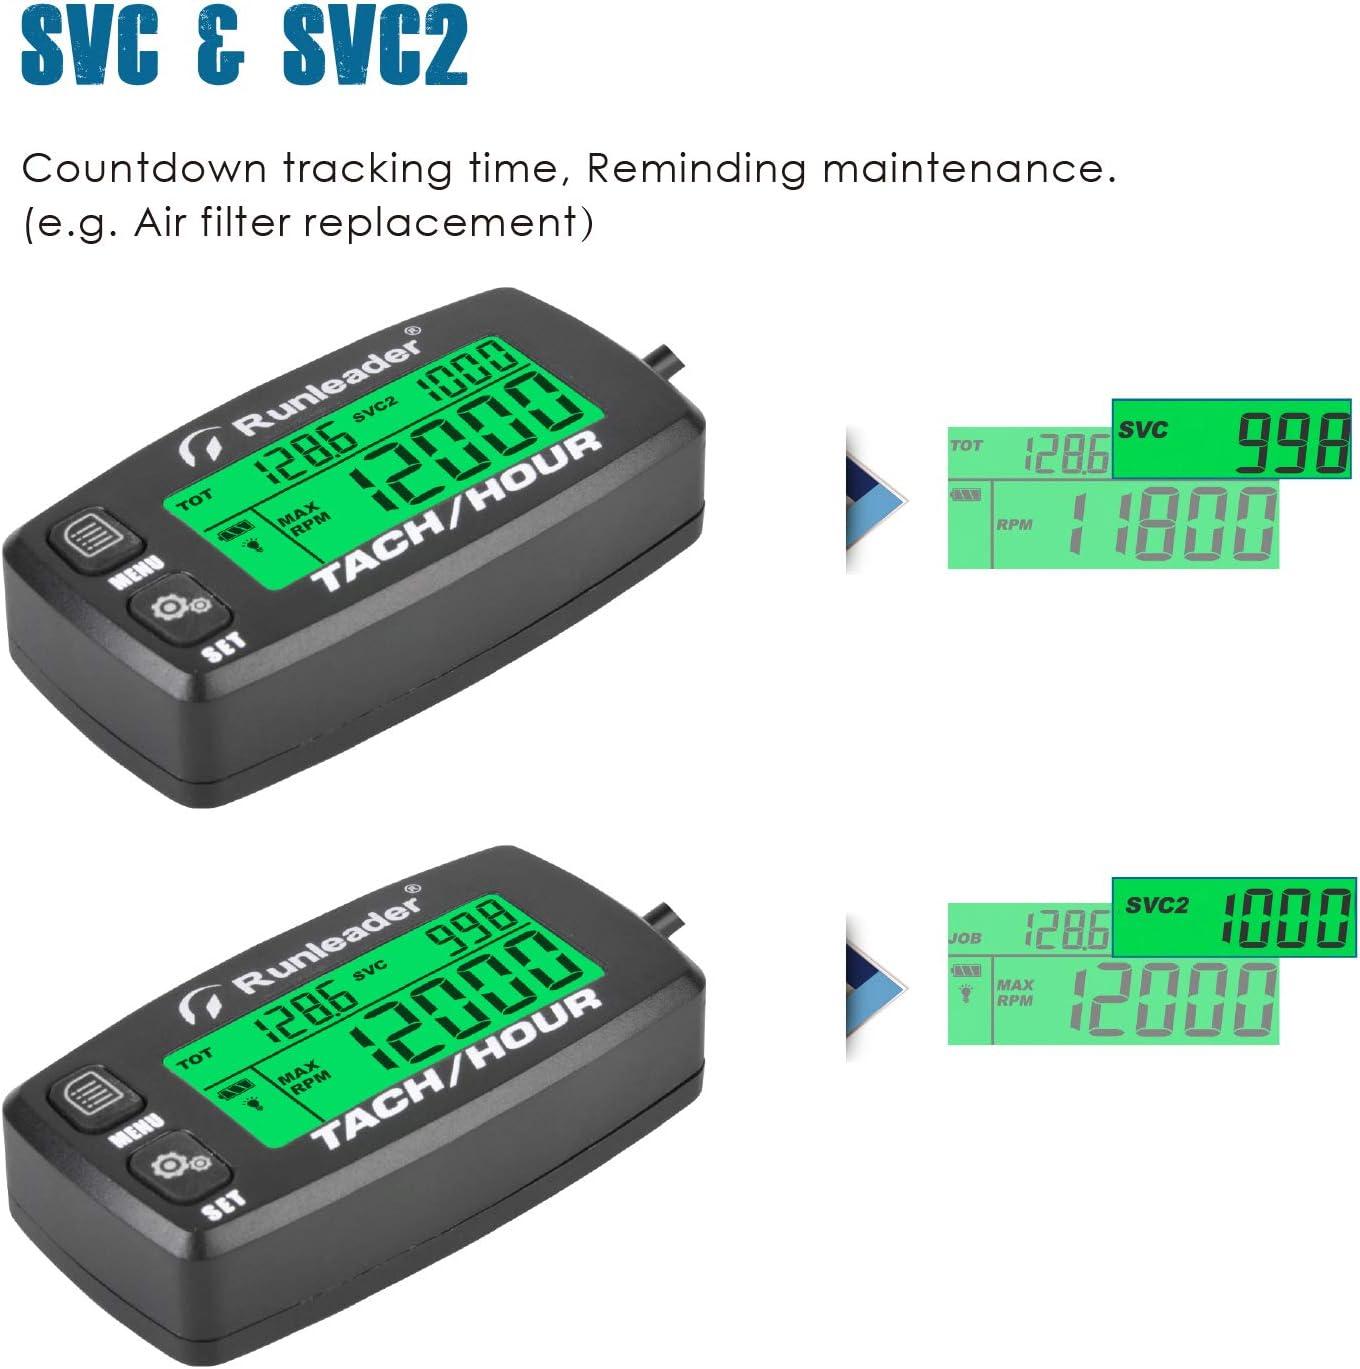 Contador de horas Runleader Tac/ómetro Bater/ía reemplazable Recordatorio de mantenimiento Uso para generador de cortac/ésped ATV marino y equipos a gas Horas iniciales configurables HM058B-RD